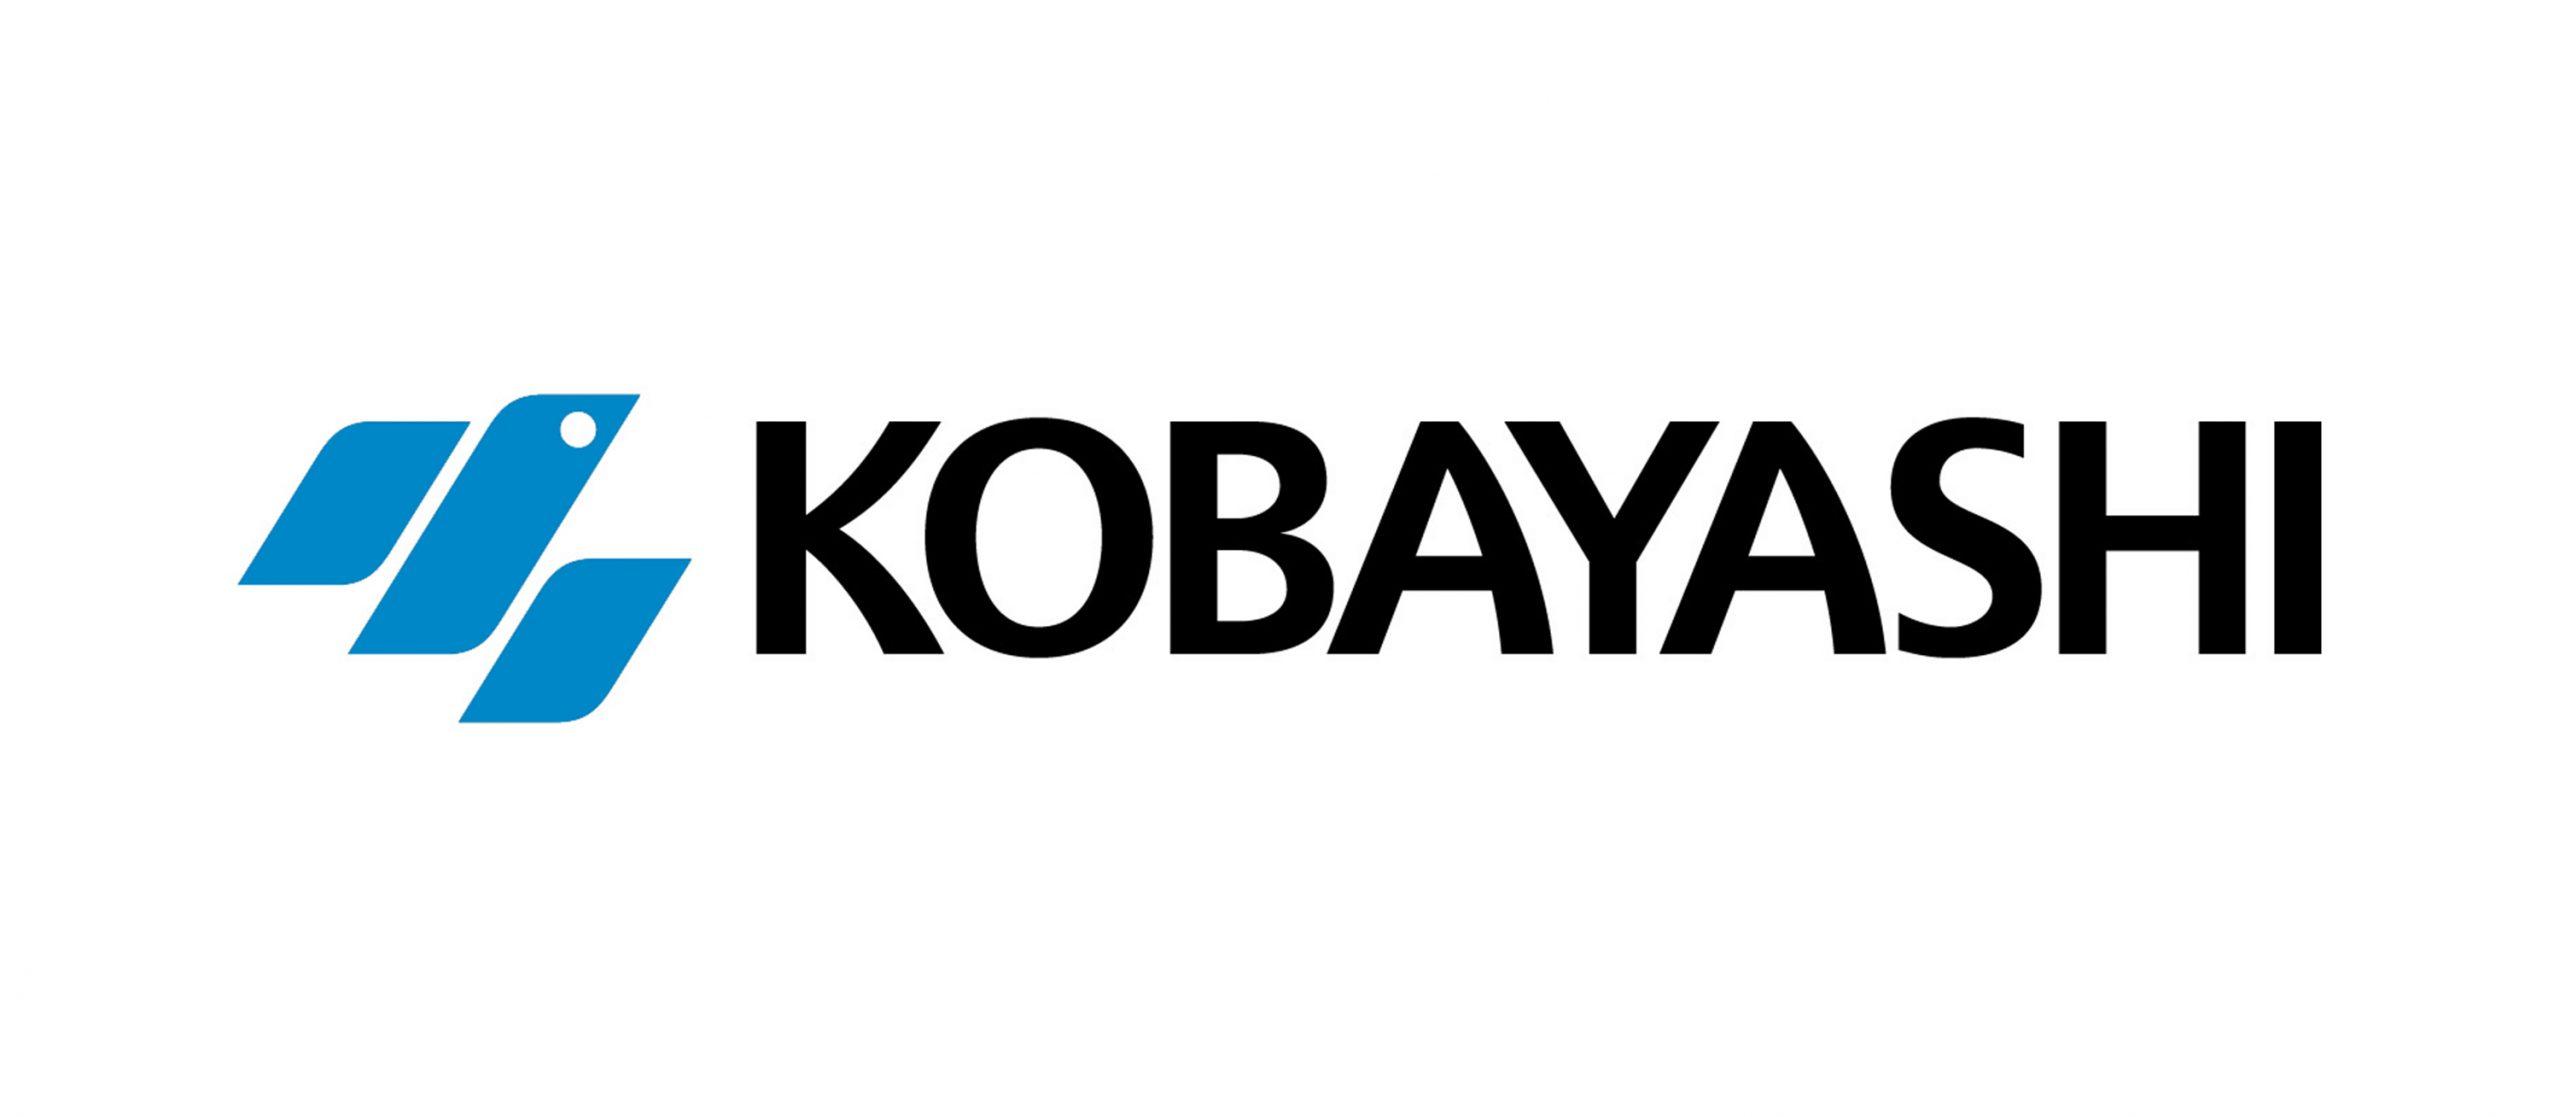 kobayashi logo scaled